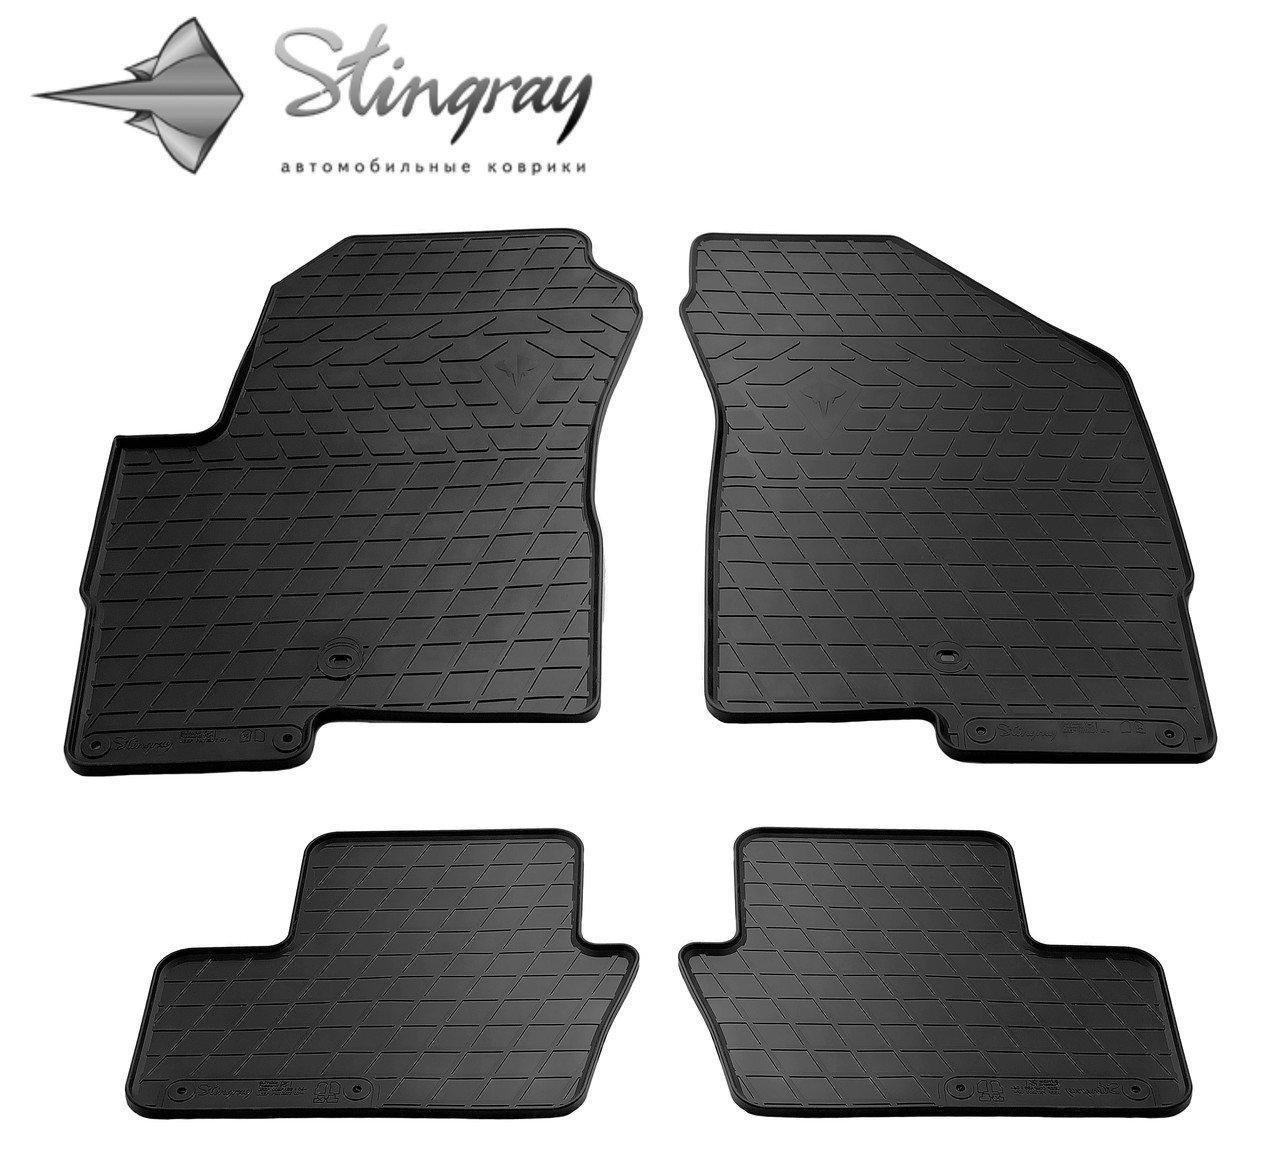 Автомобільні килимки Jeep Patriot 2007-2016 Stingray